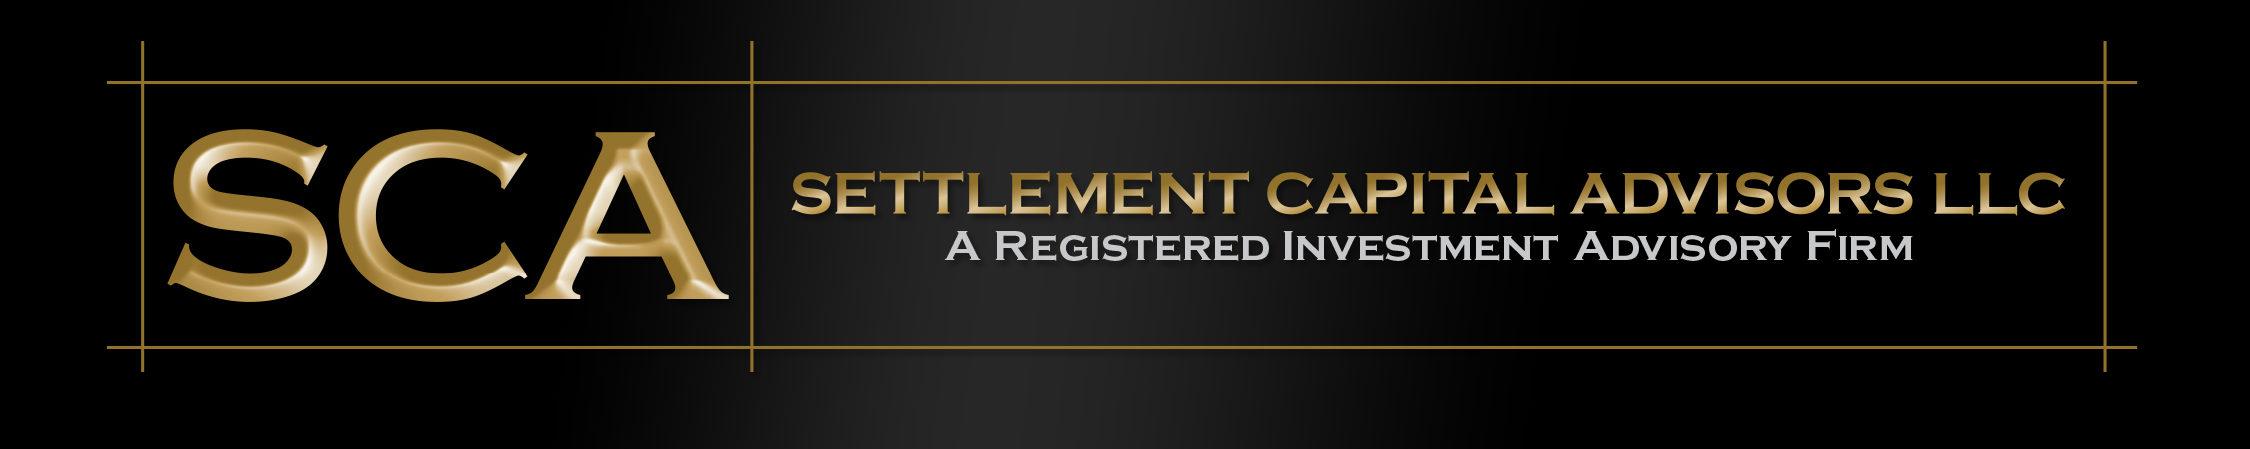 Settlement Capital Advisors LLC